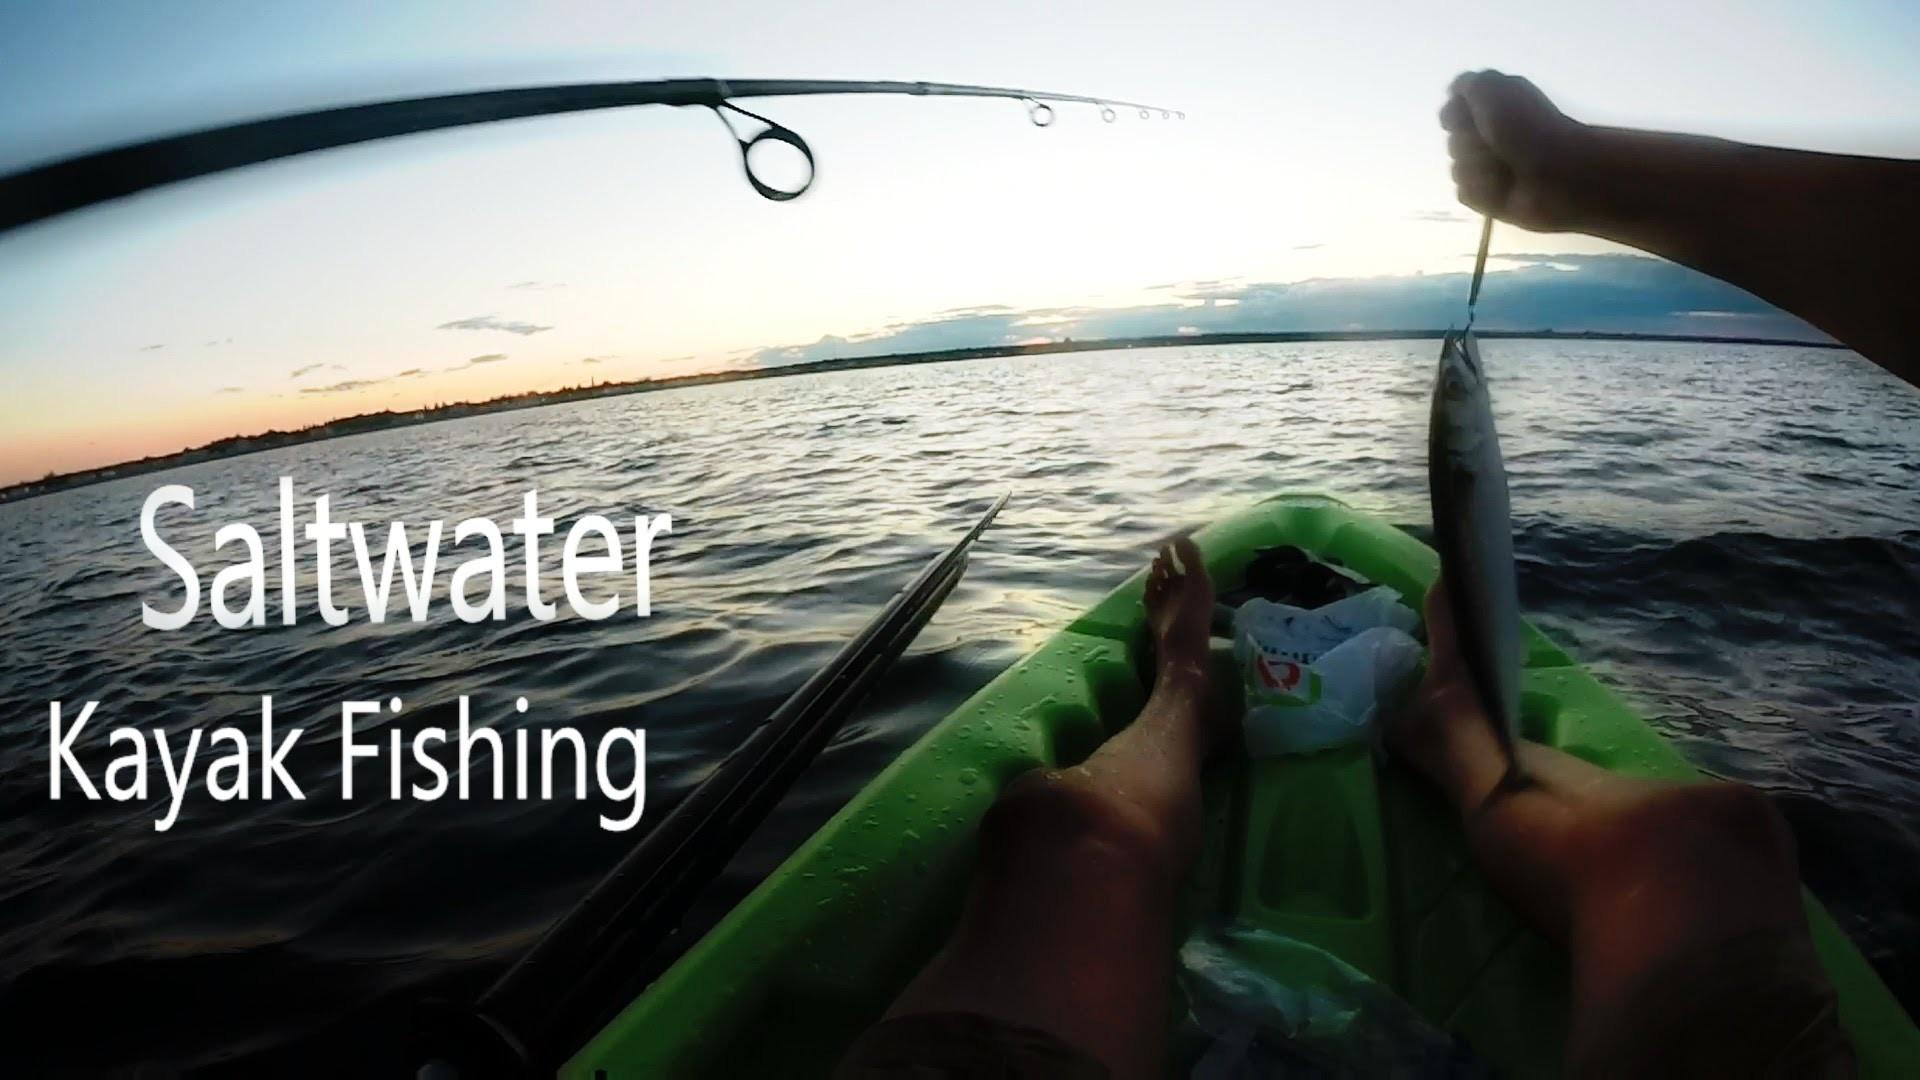 Saltwater kayak fishing!!!